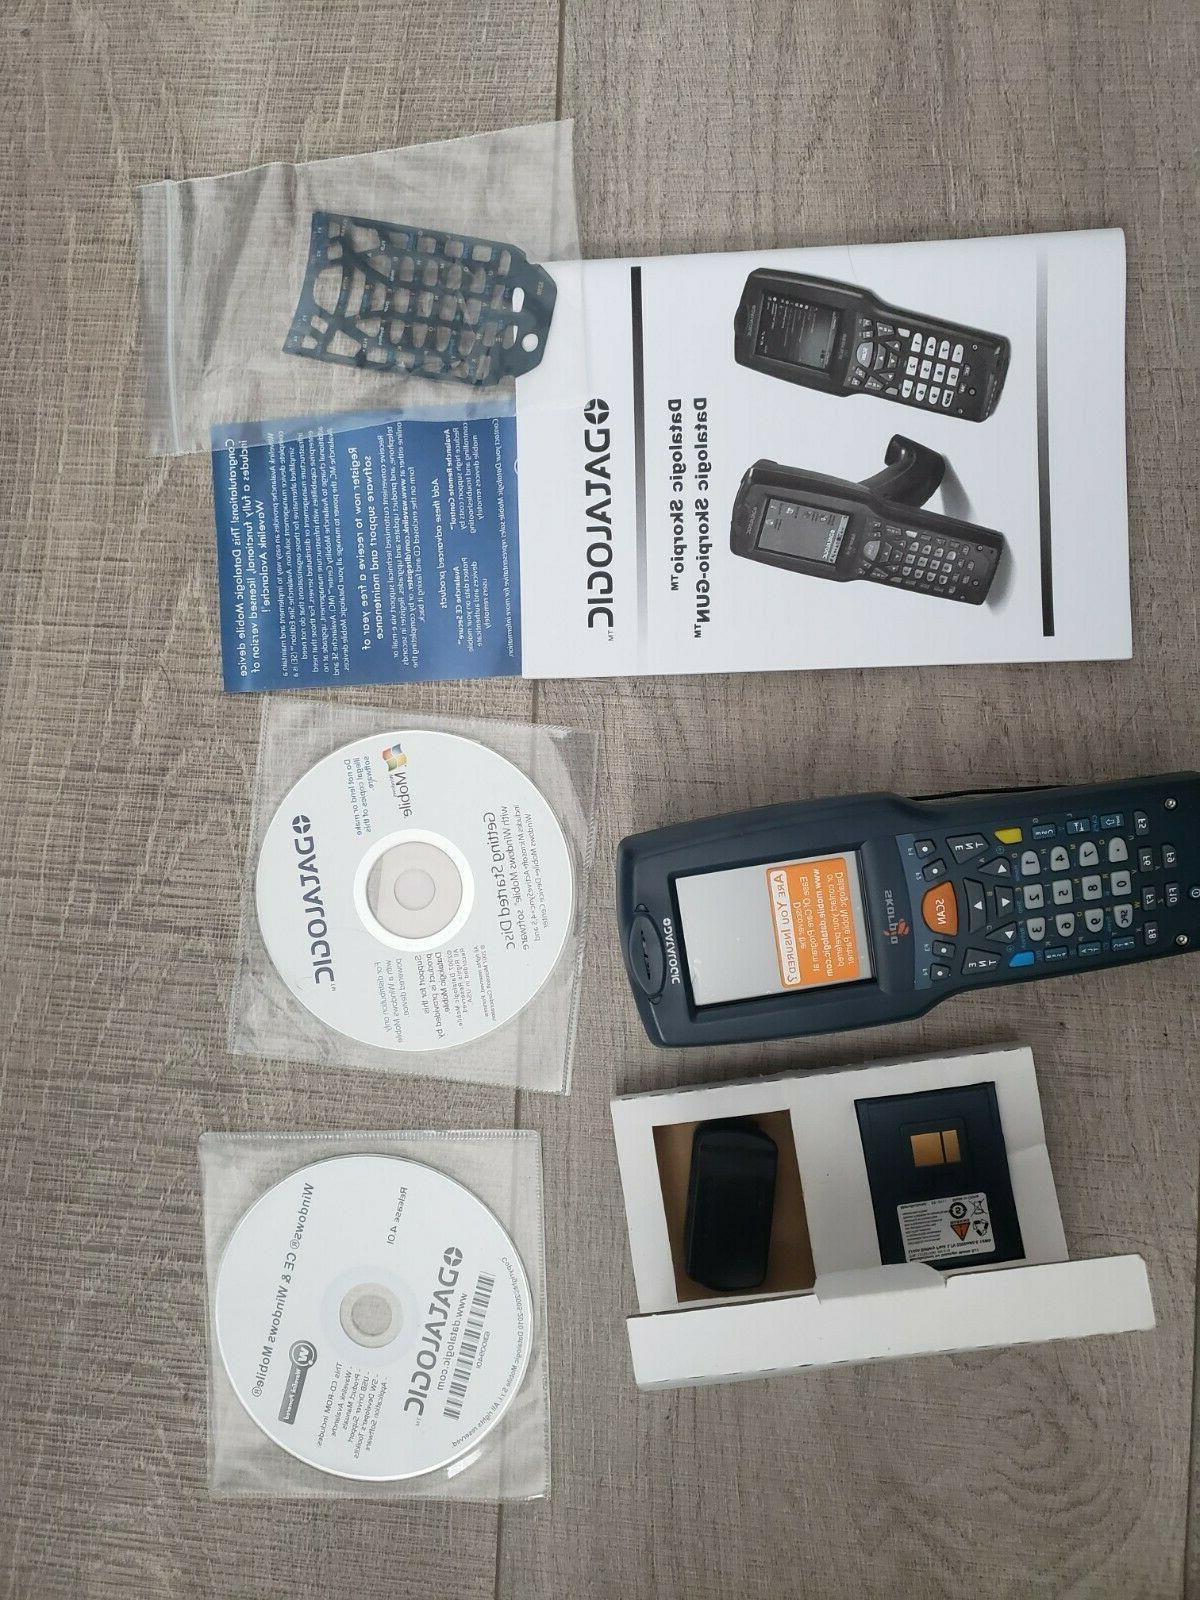 dl skorpio g 701 902 touchscreen barcode